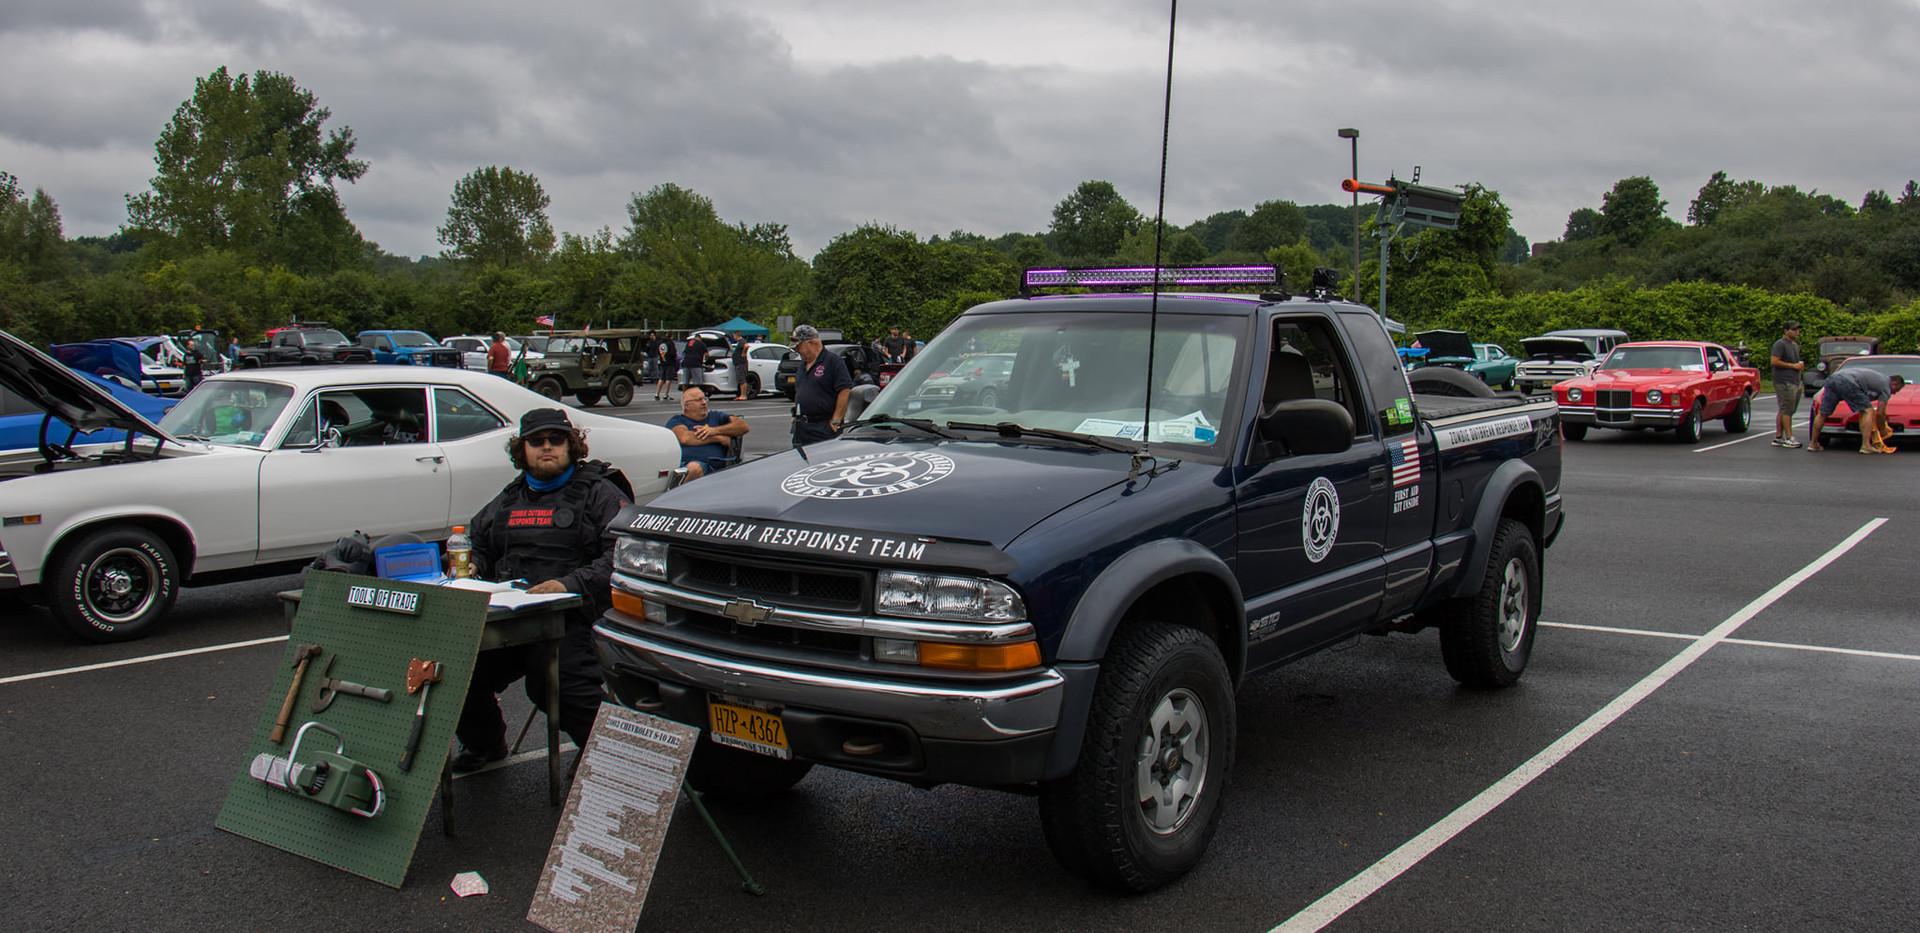 zombie response truck